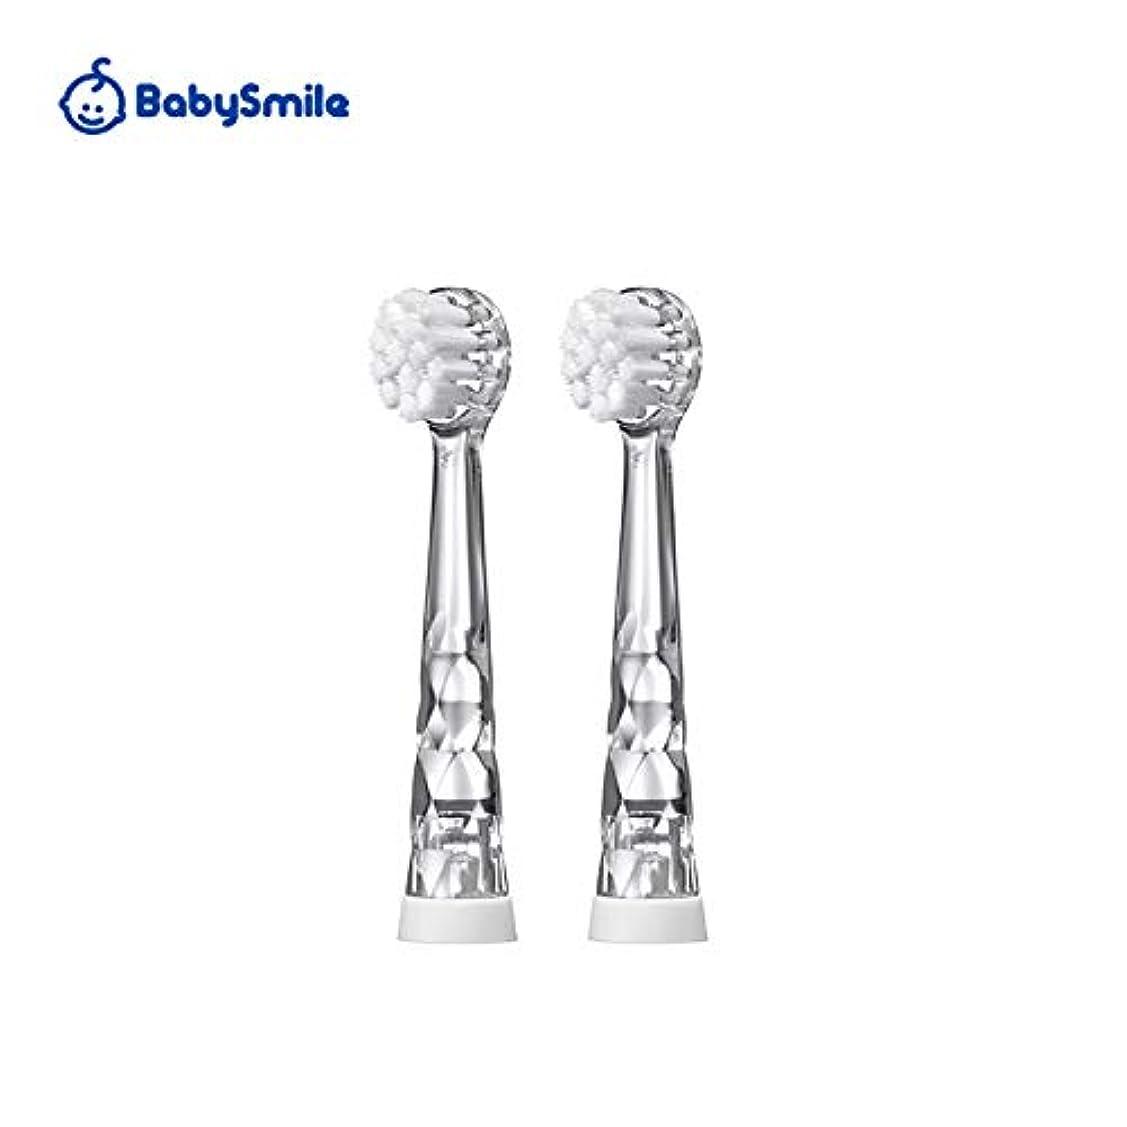 ベアリングサークルペルセウスひらめきこども用電動歯ブラシ ベビースマイルレインボー替えブラシ(かため) S-204HB